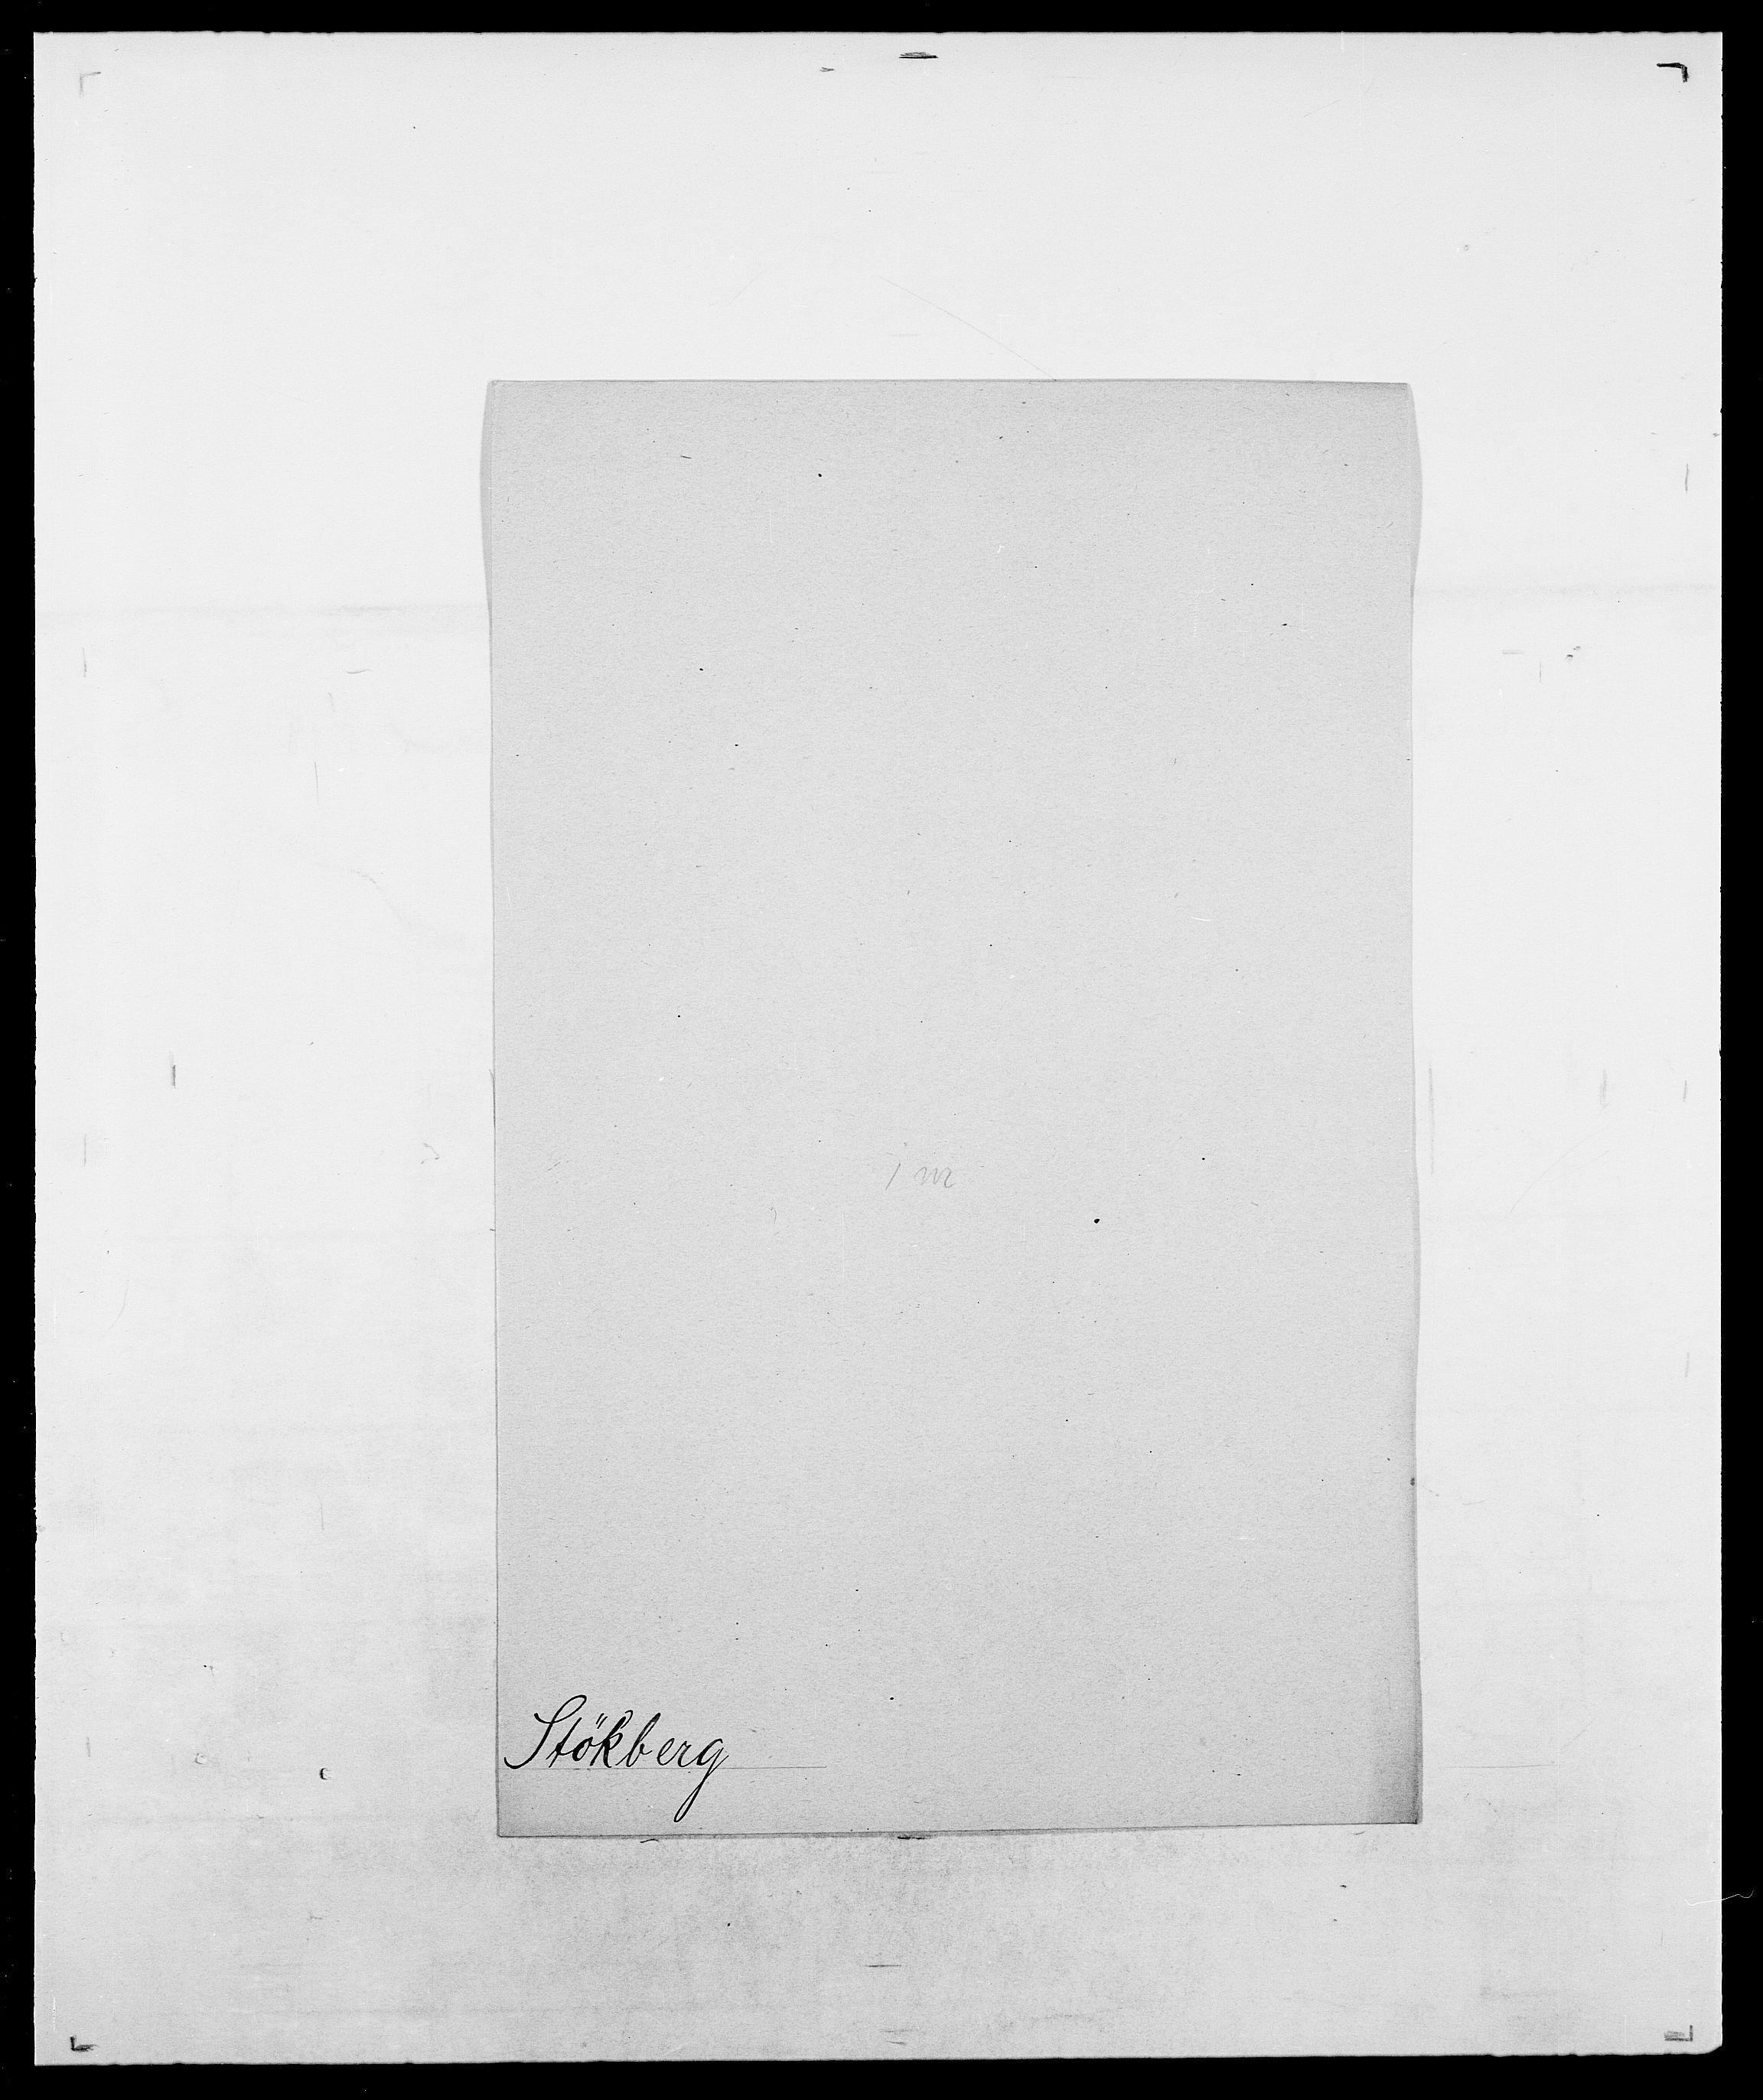 SAO, Delgobe, Charles Antoine - samling, D/Da/L0037: Steen, Sthen, Stein - Svare, Svanige, Svanne, se også Svanning og Schwane, s. 836